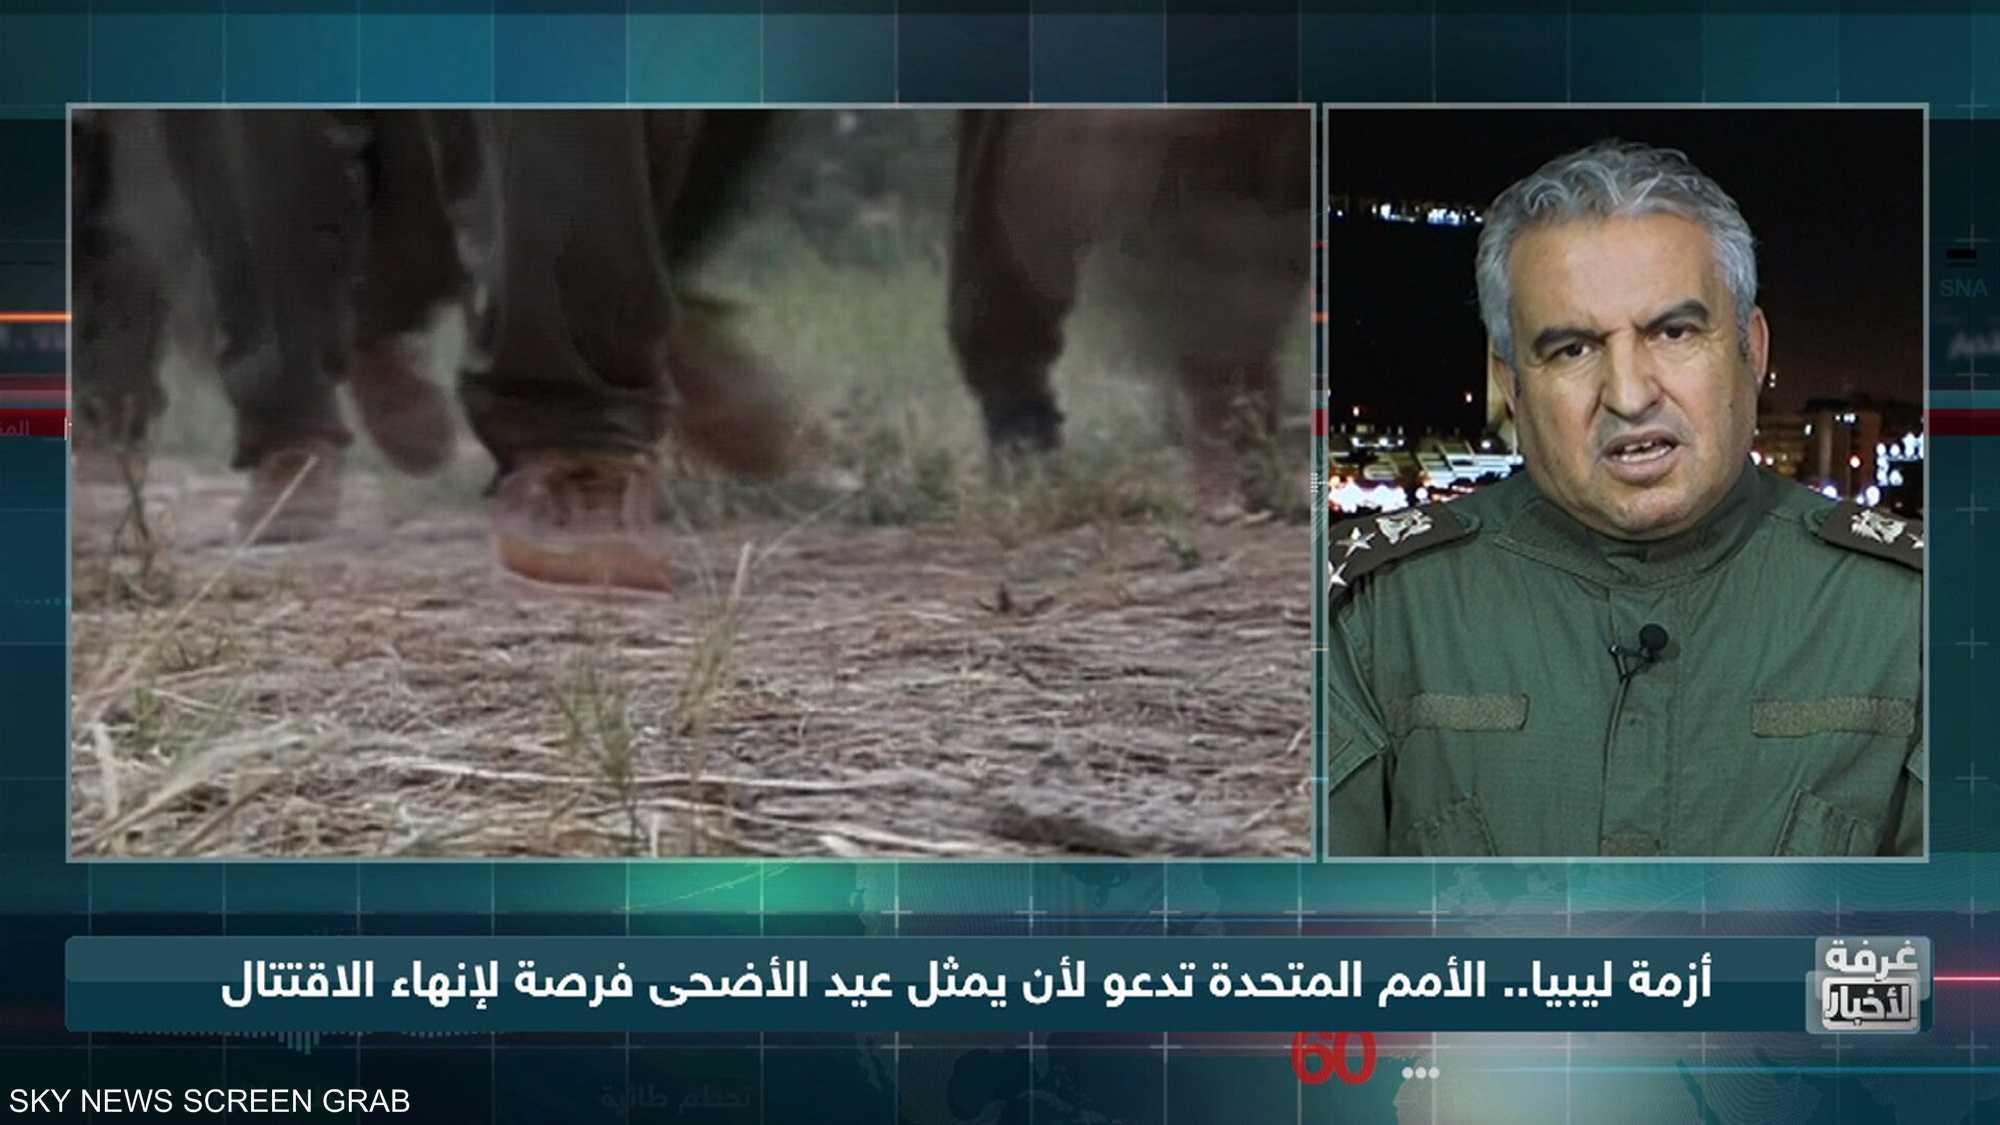 أزمة ليبيا.. دعوات التهدئة ومطبّ المرتزقة والميليشيات